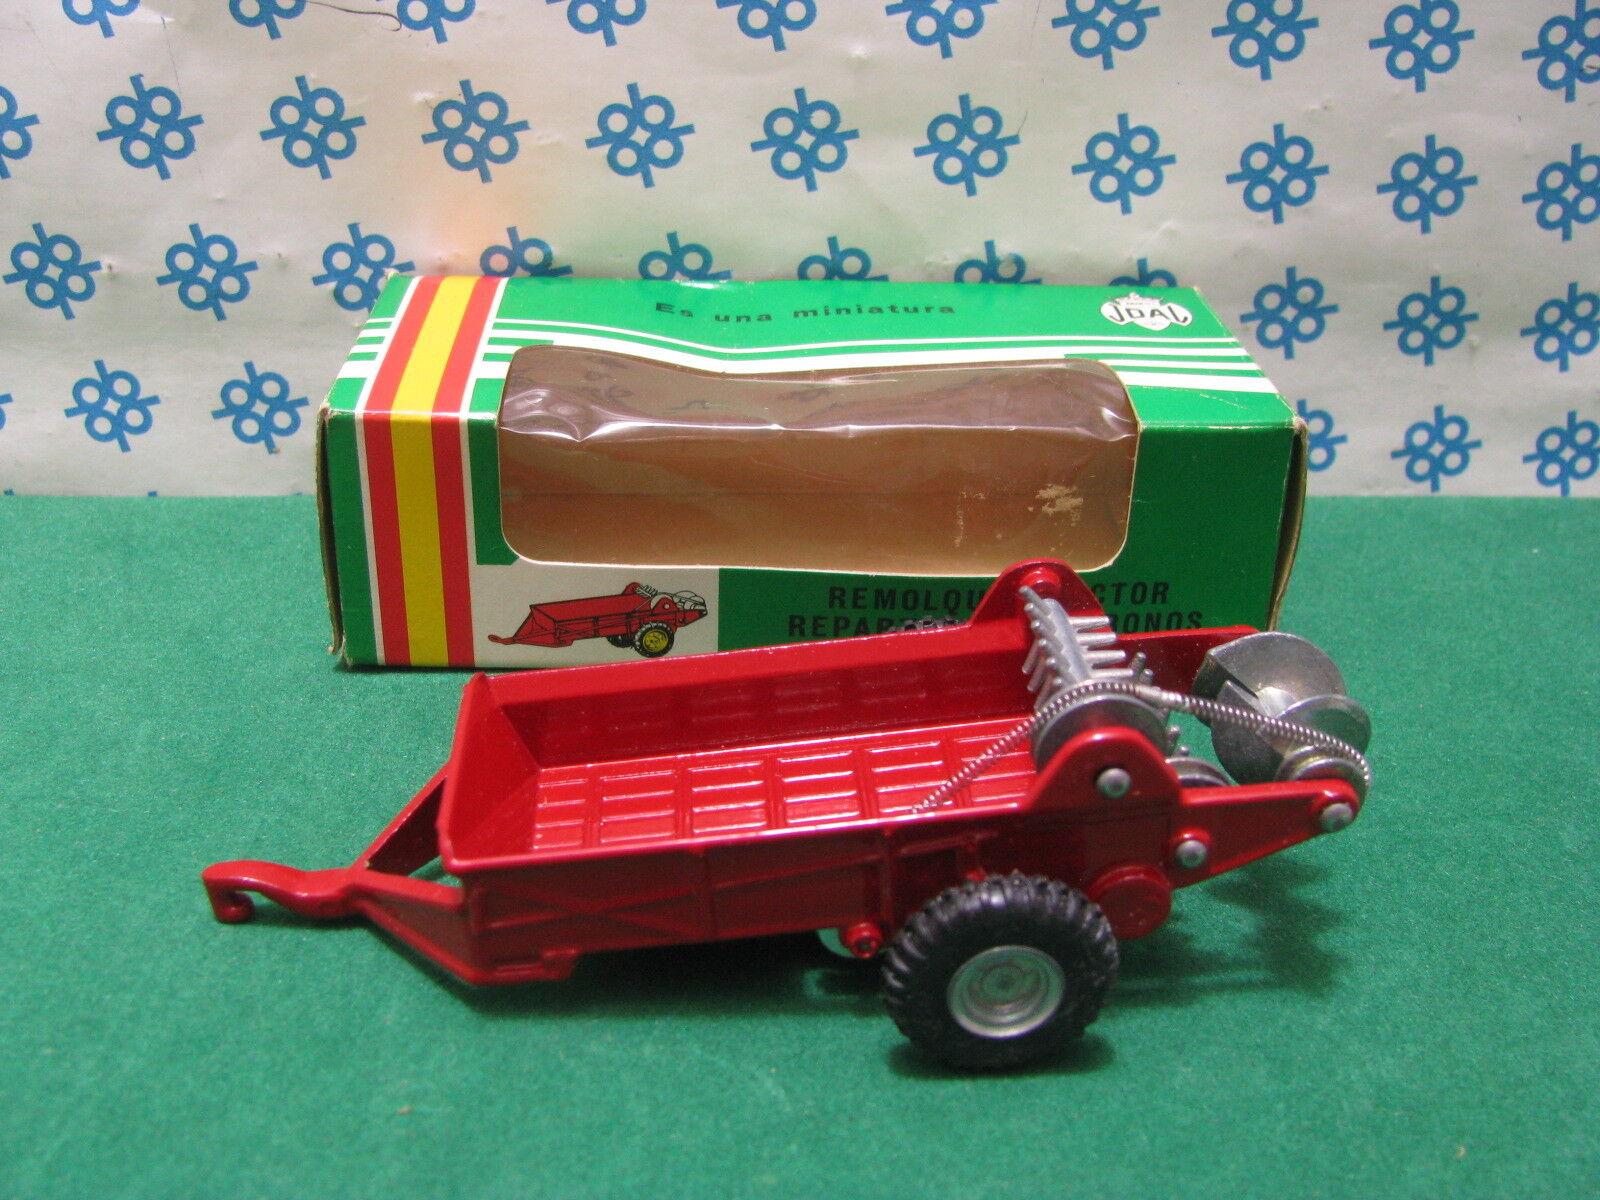 Rara vintage 1970`s - remolque repartidor de abonos-Joal ref. 204